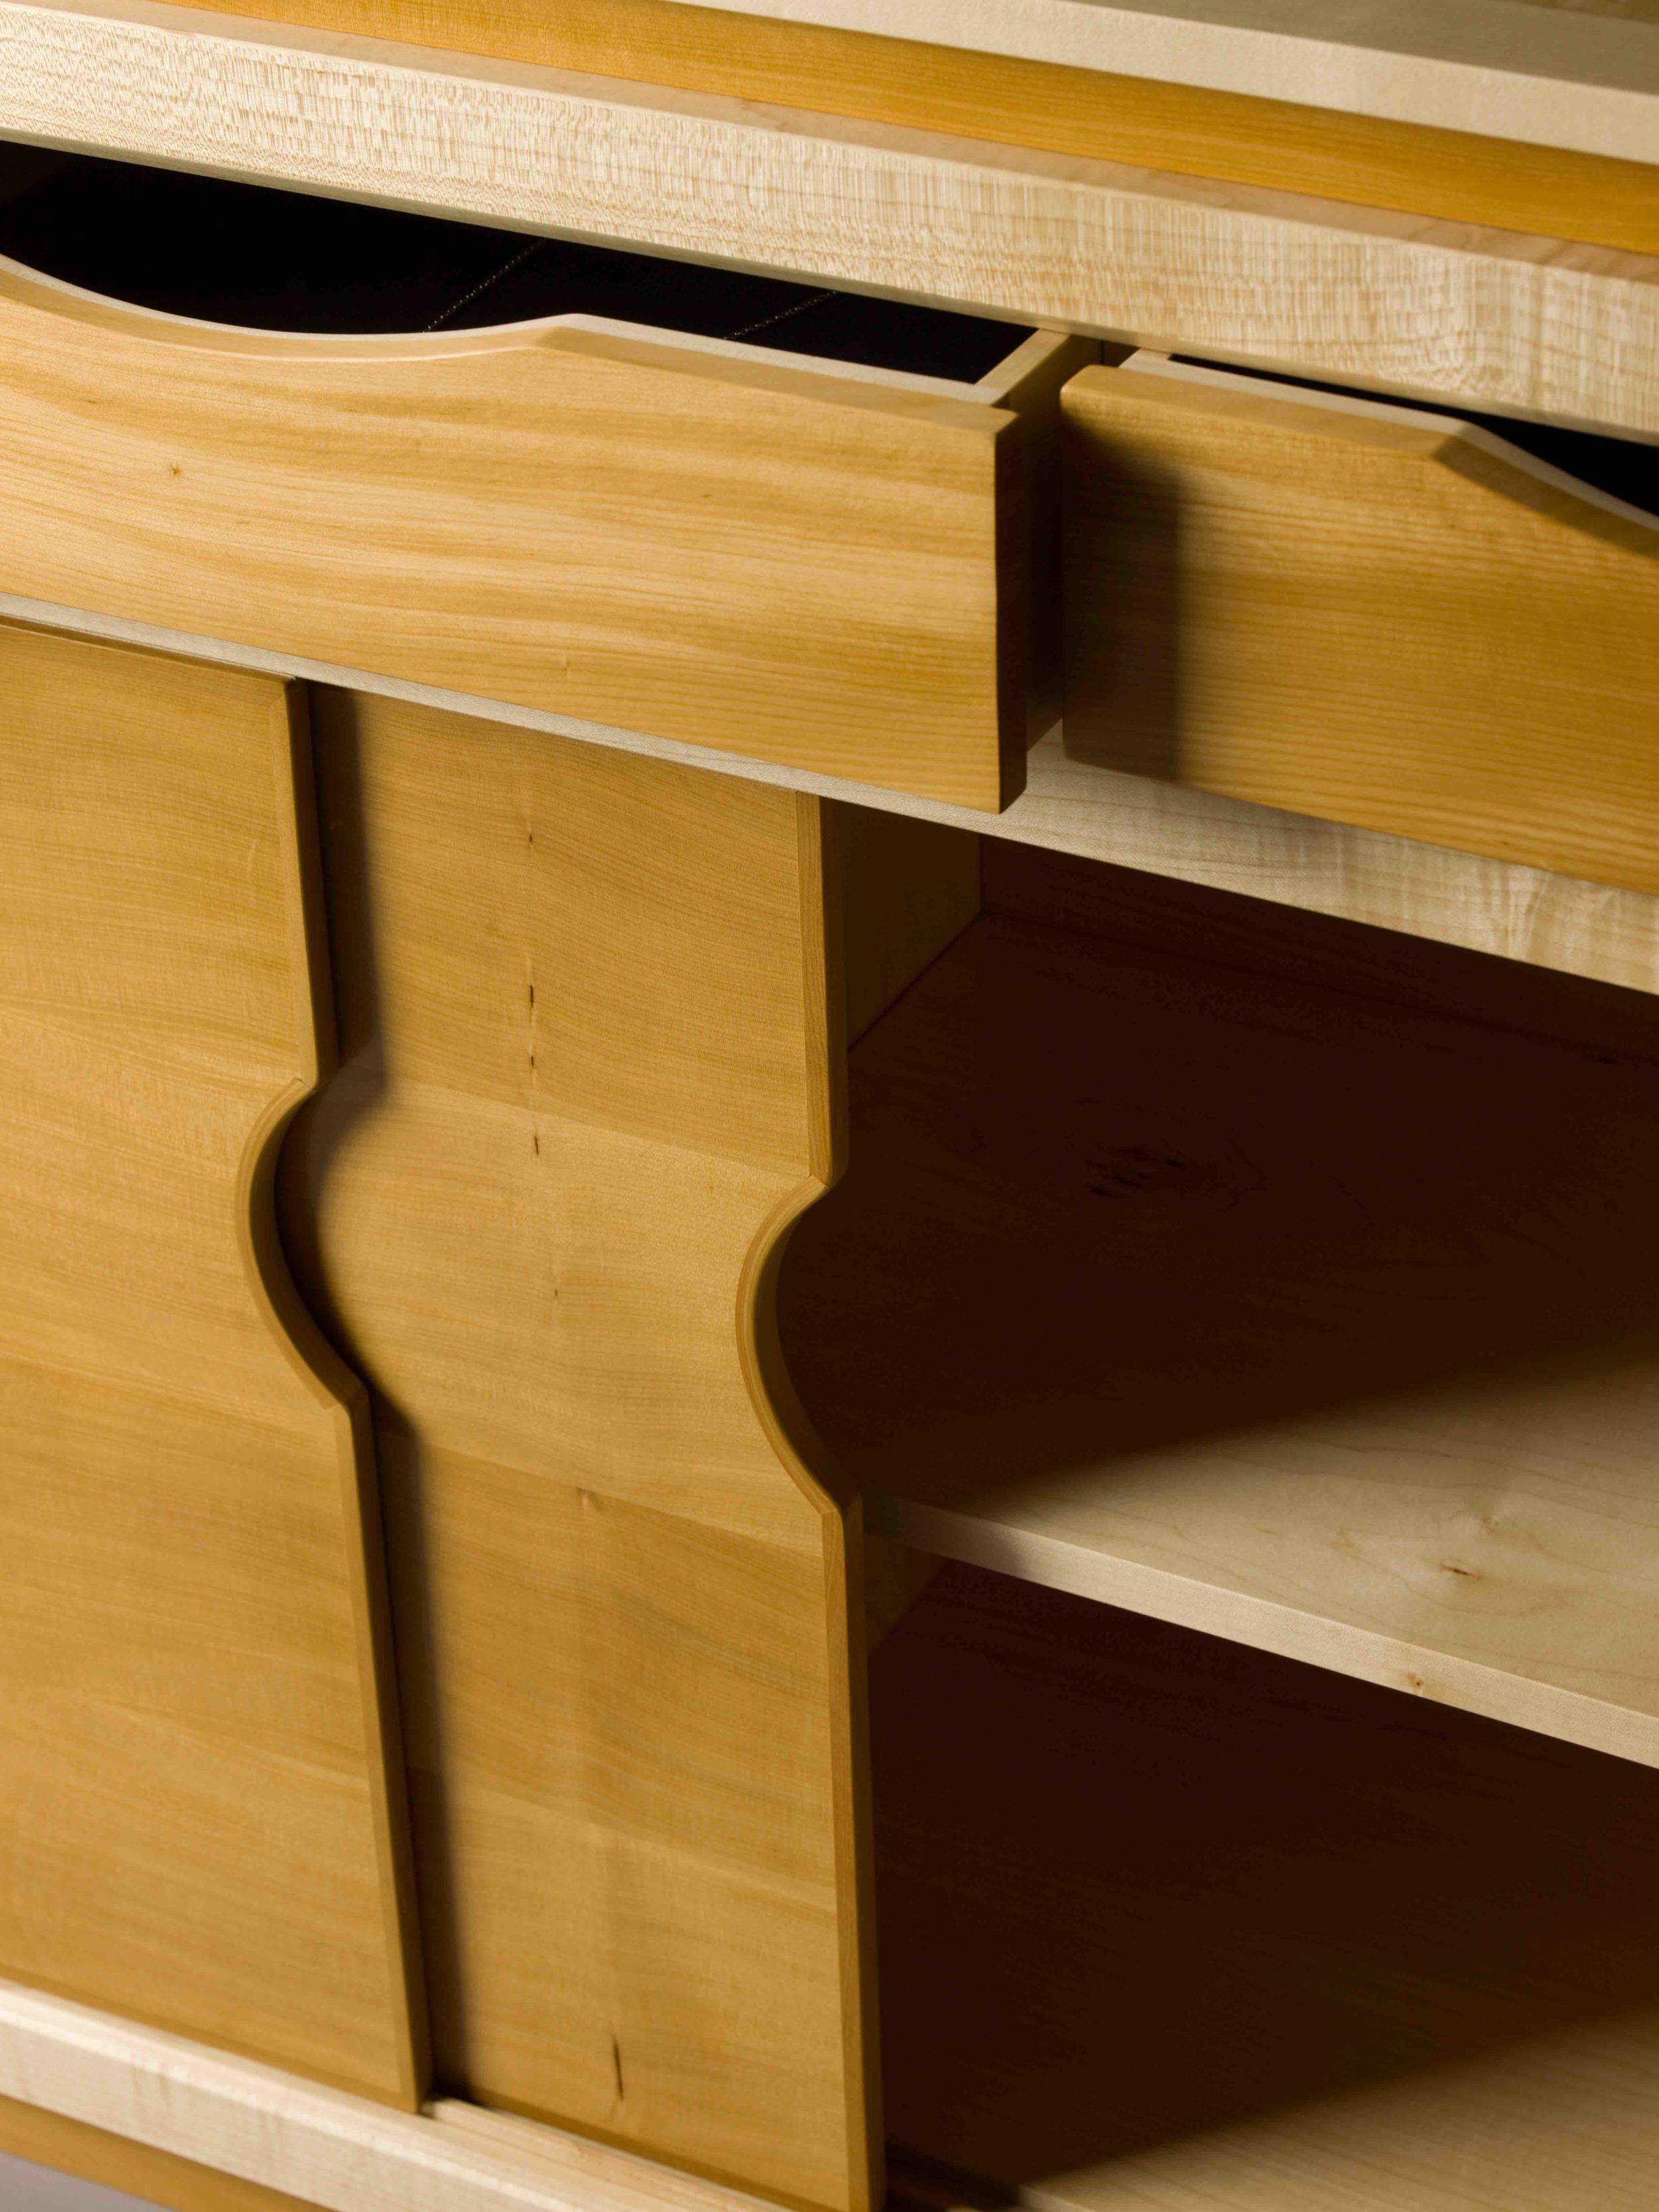 Sideboard4 copy.jpg